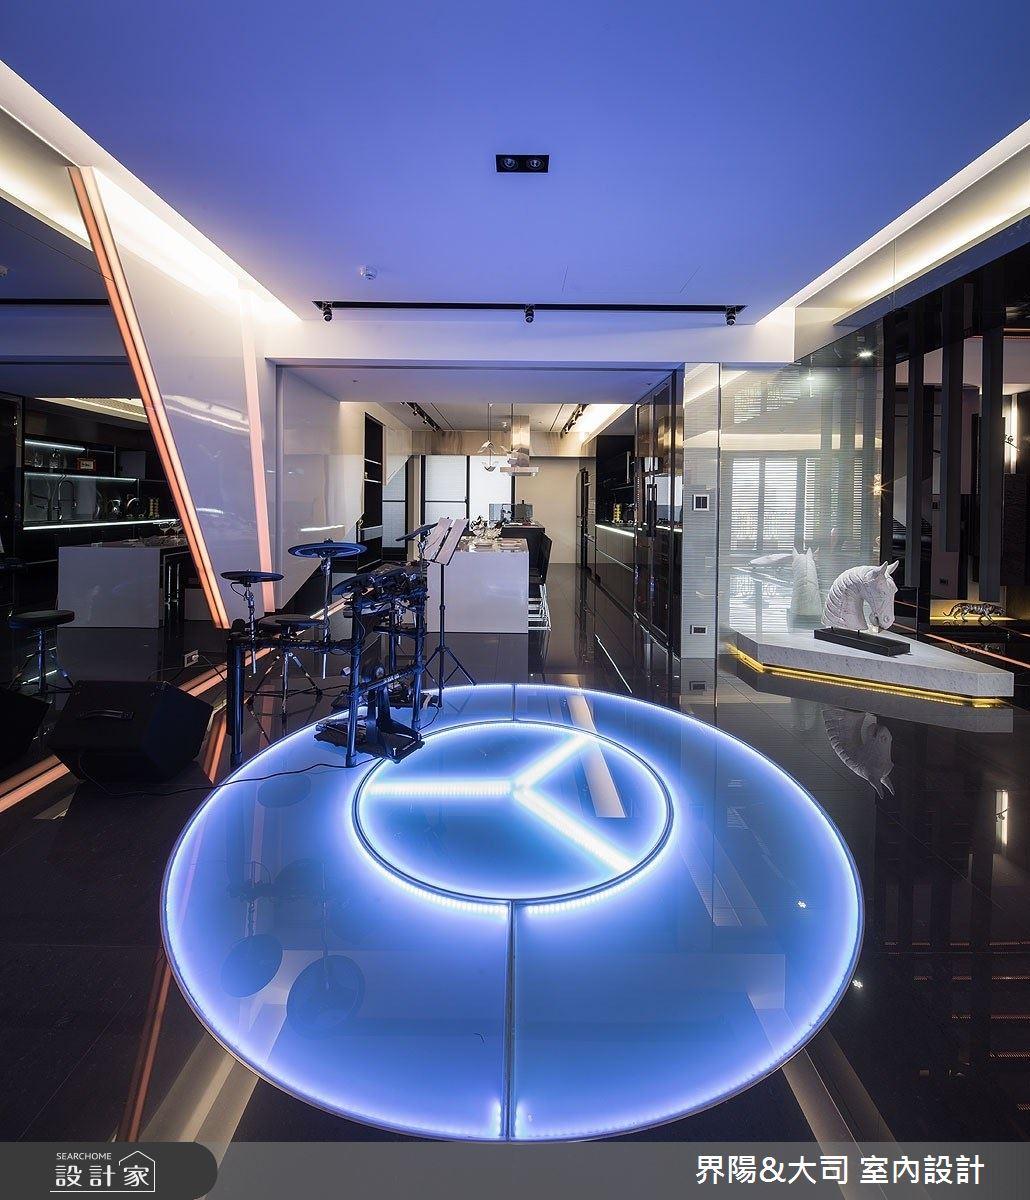 62坪新成屋(5年以下)_現代風多功能室案例圖片_界陽&大司 室內設計_界陽_35之4